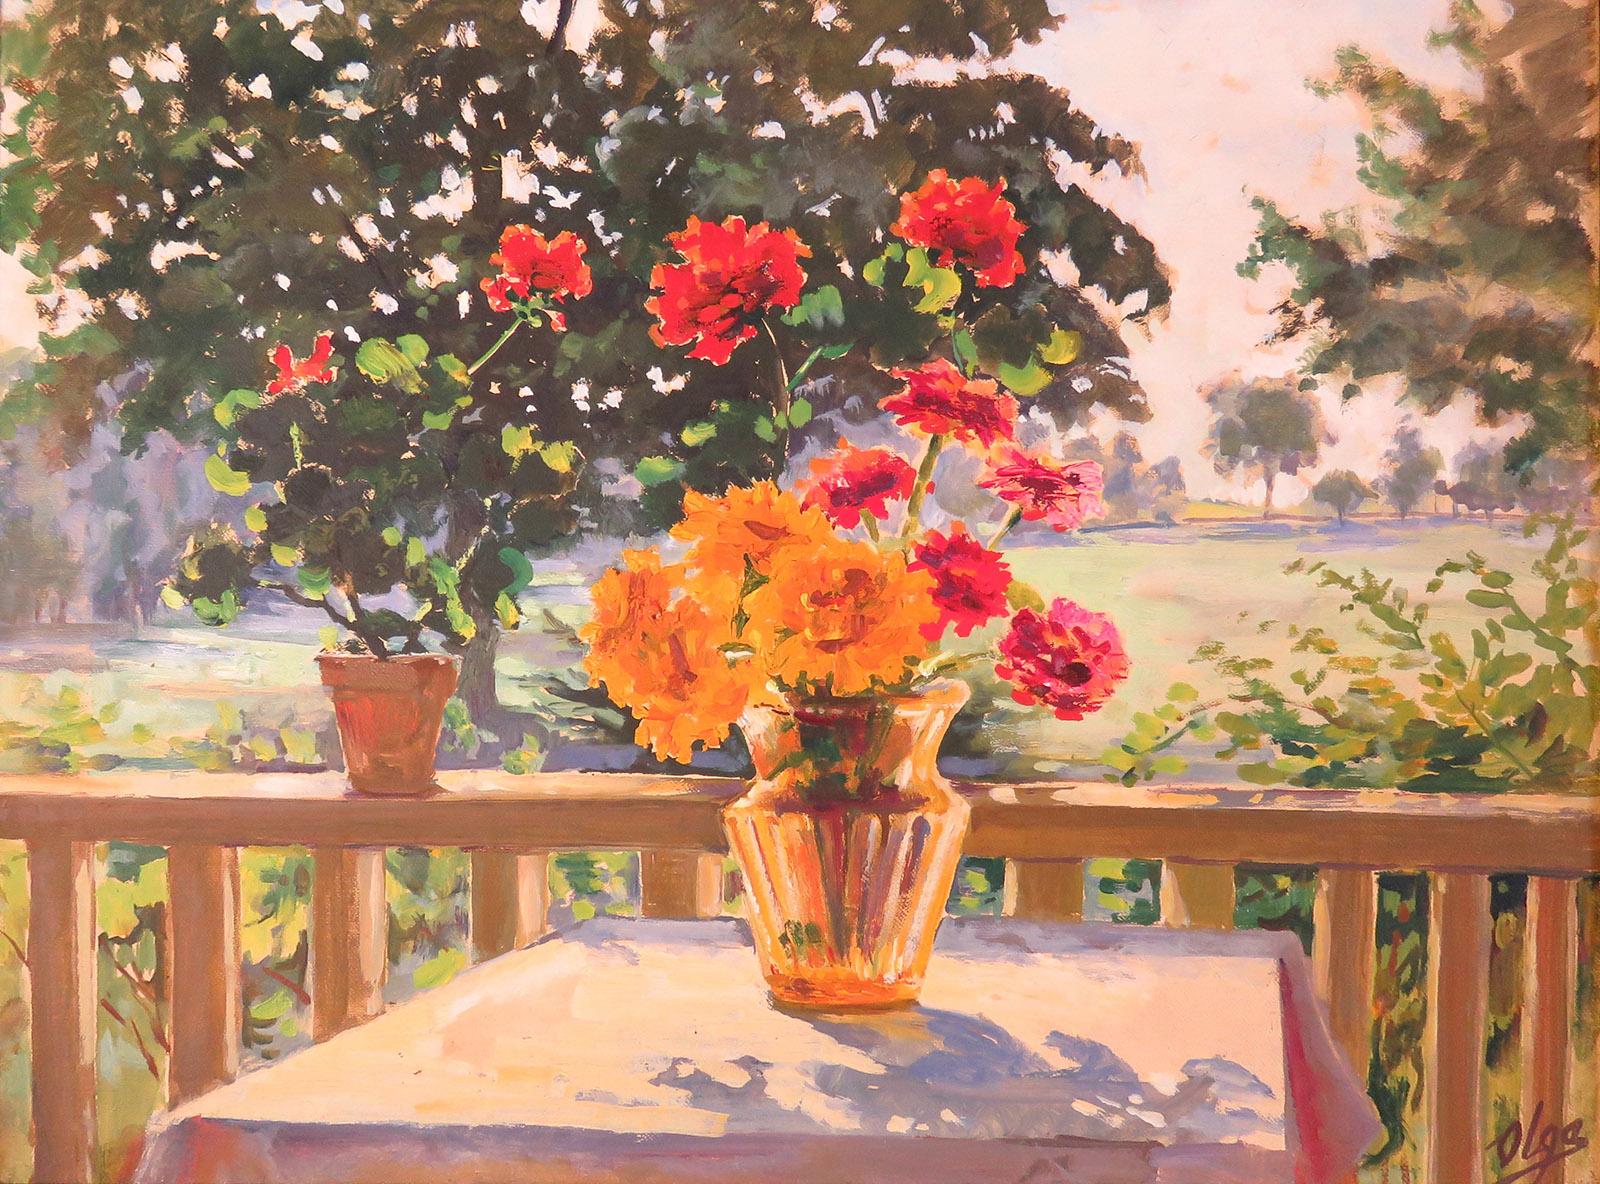 10. Olga FLowers In A Vase